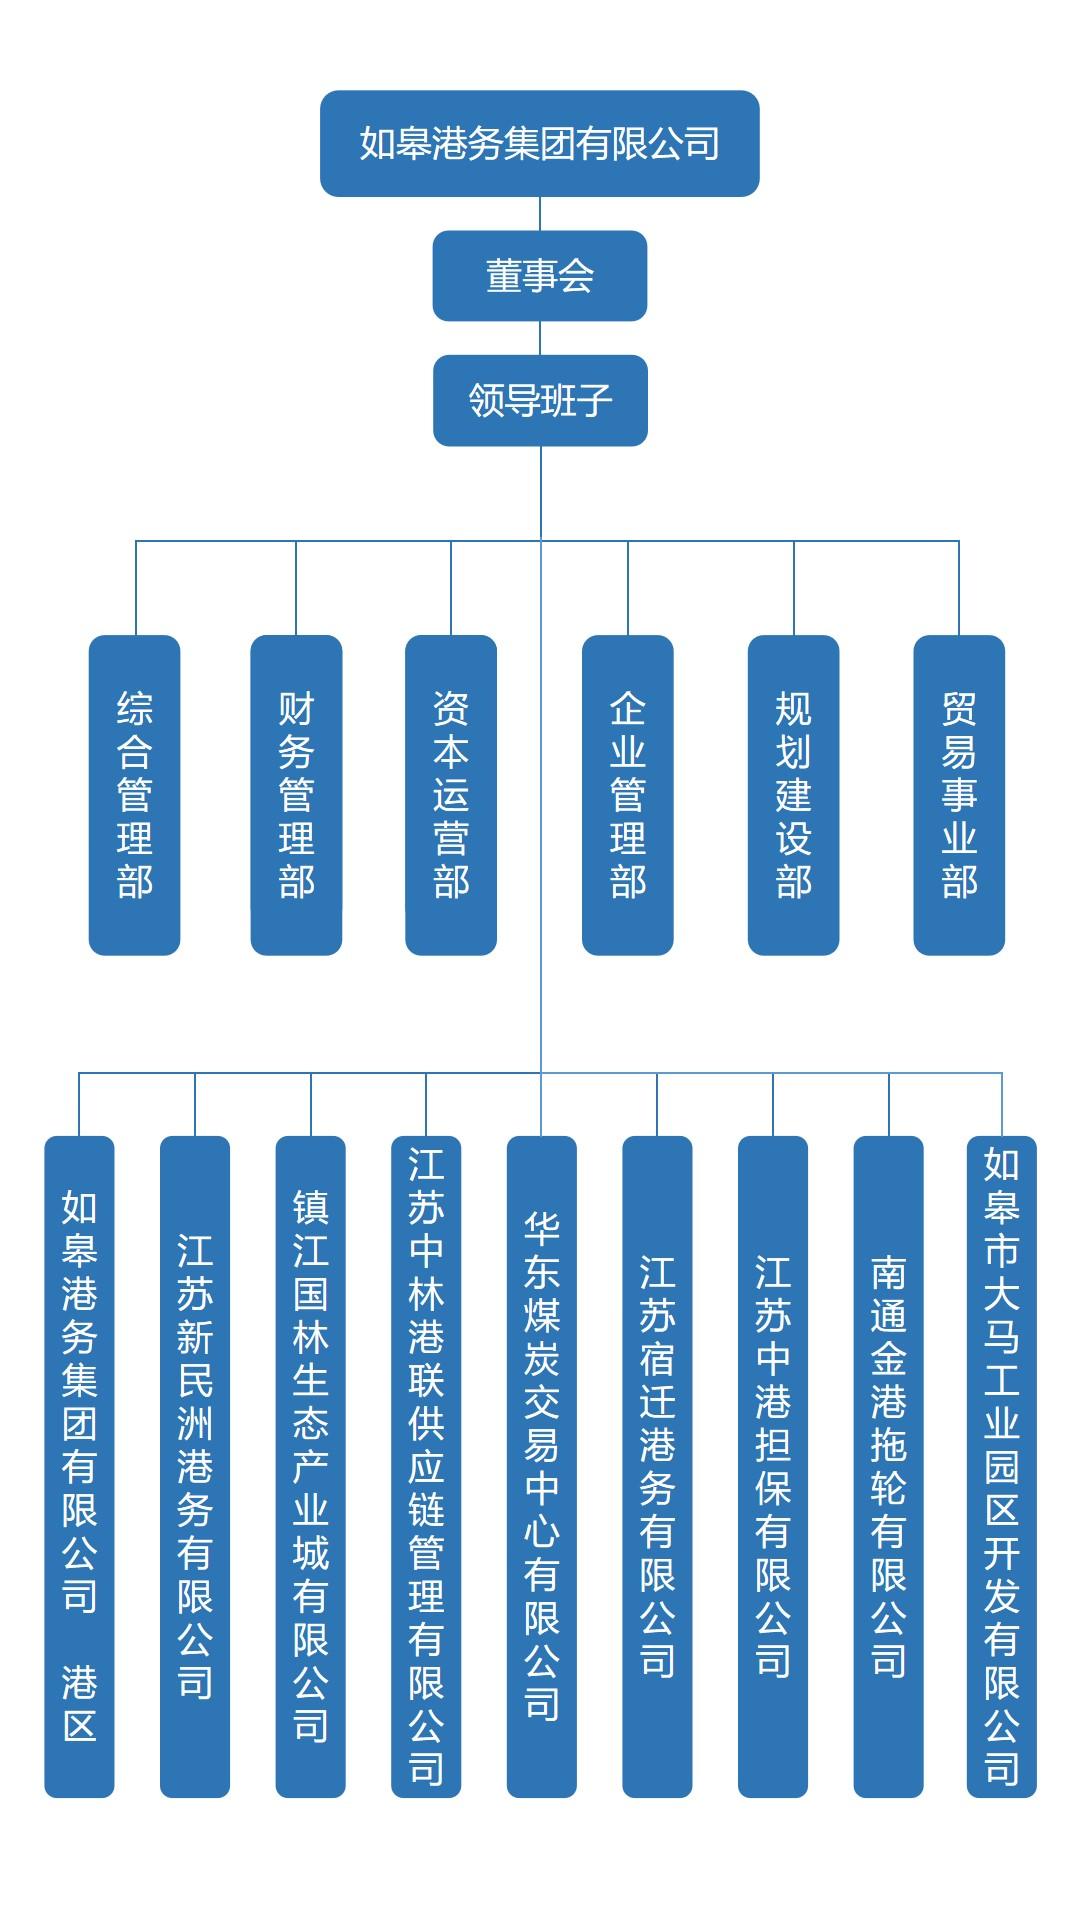 如皋组织架构图-于子晴.jpg